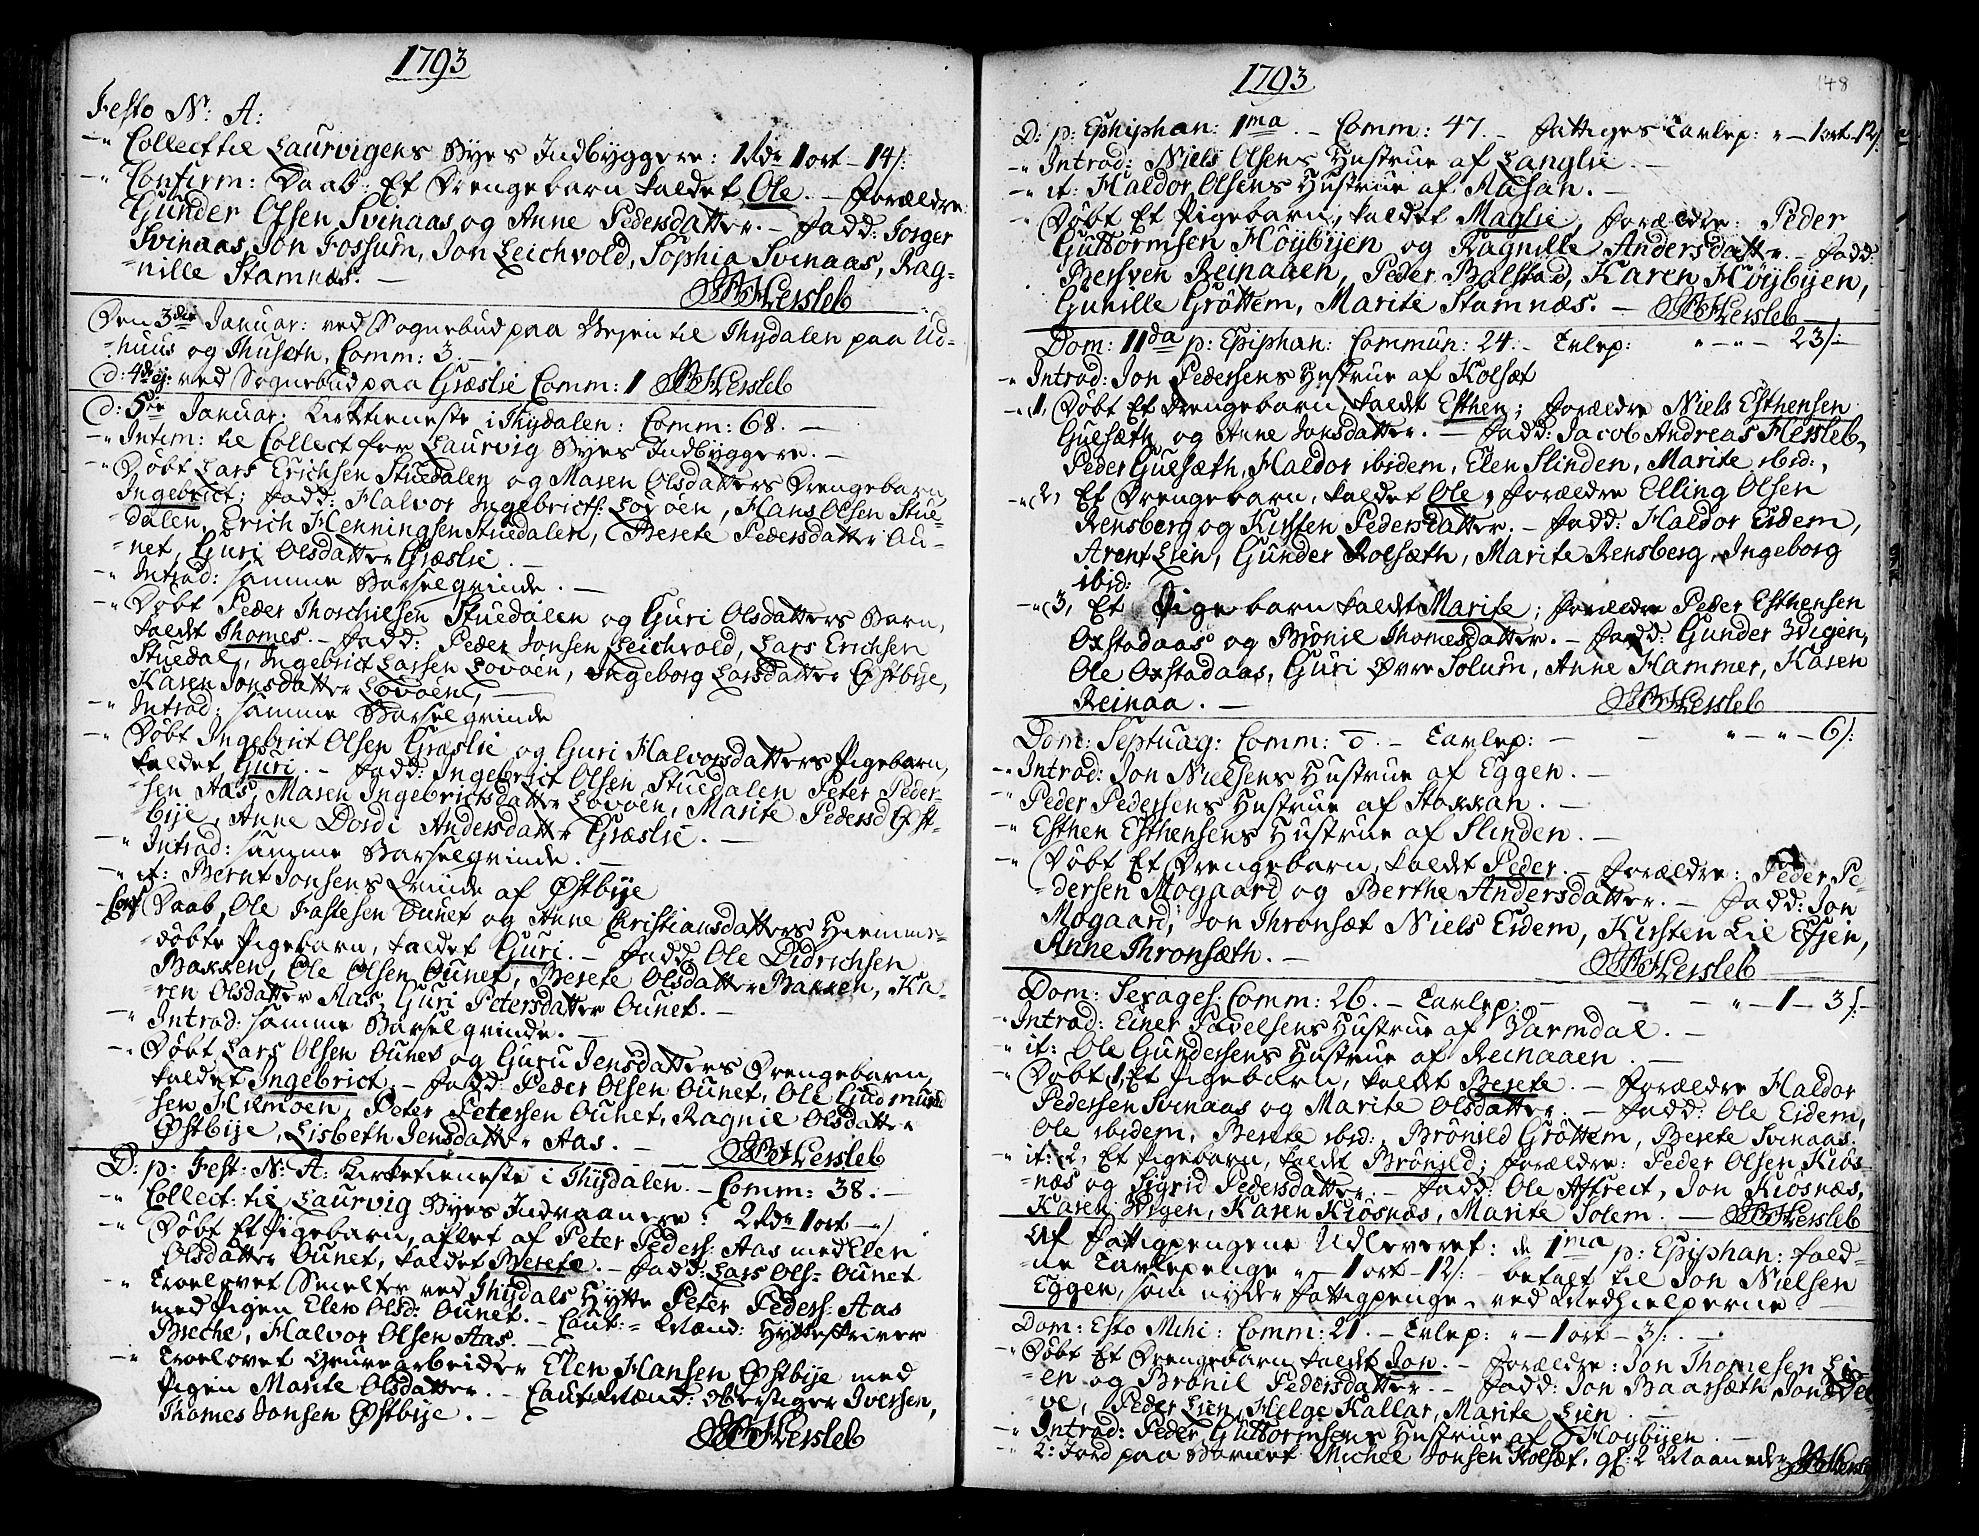 SAT, Ministerialprotokoller, klokkerbøker og fødselsregistre - Sør-Trøndelag, 695/L1138: Ministerialbok nr. 695A02 /1, 1757-1801, s. 148